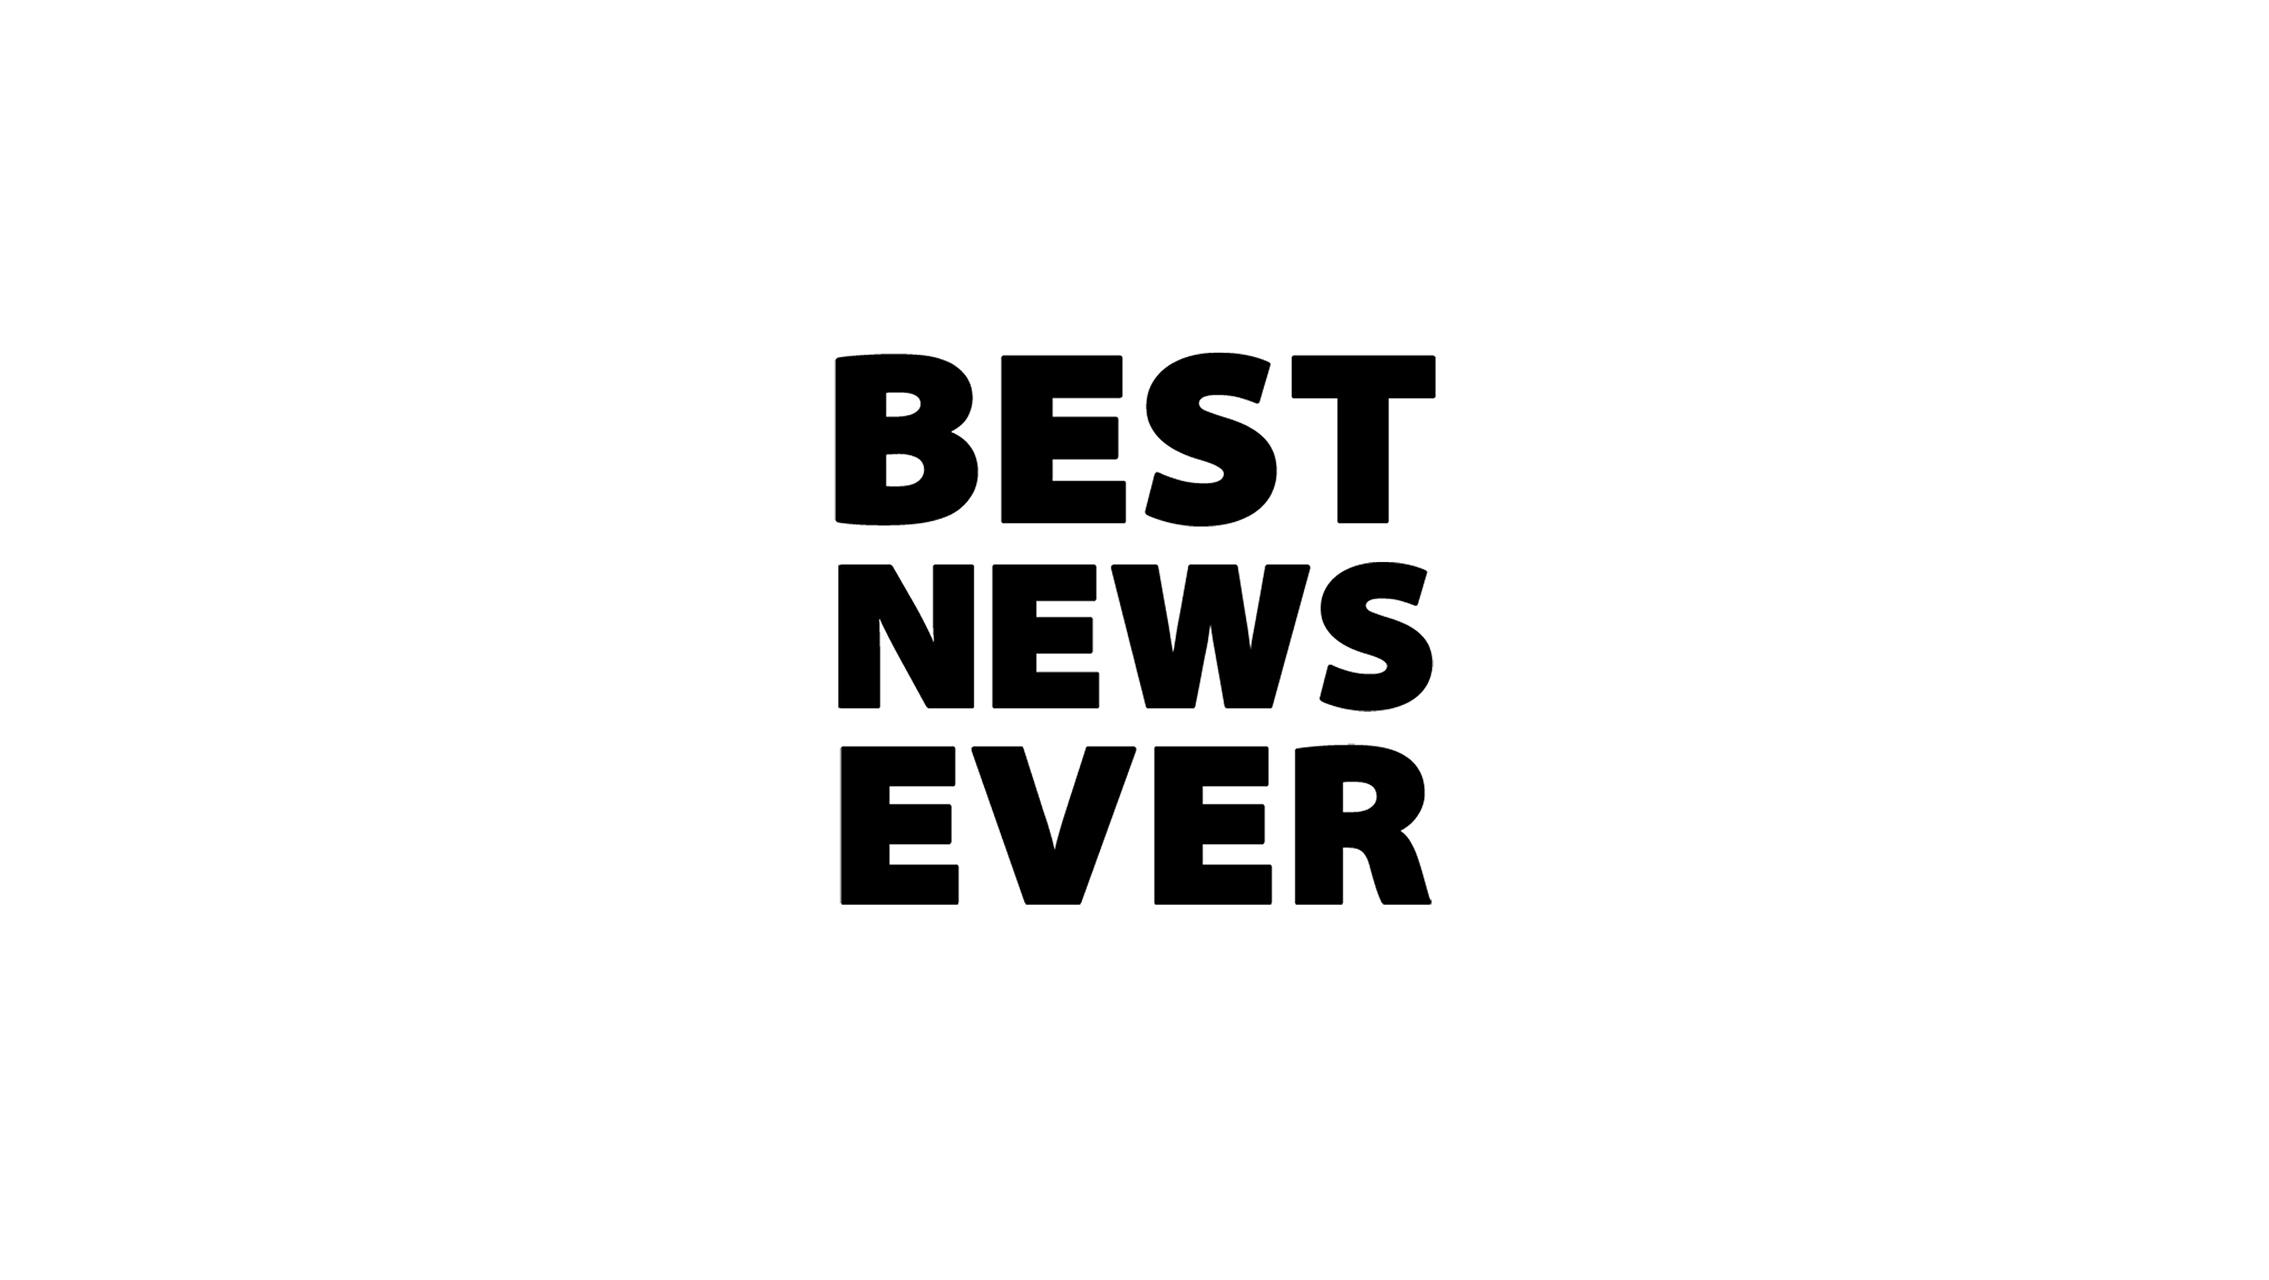 Best News Ever